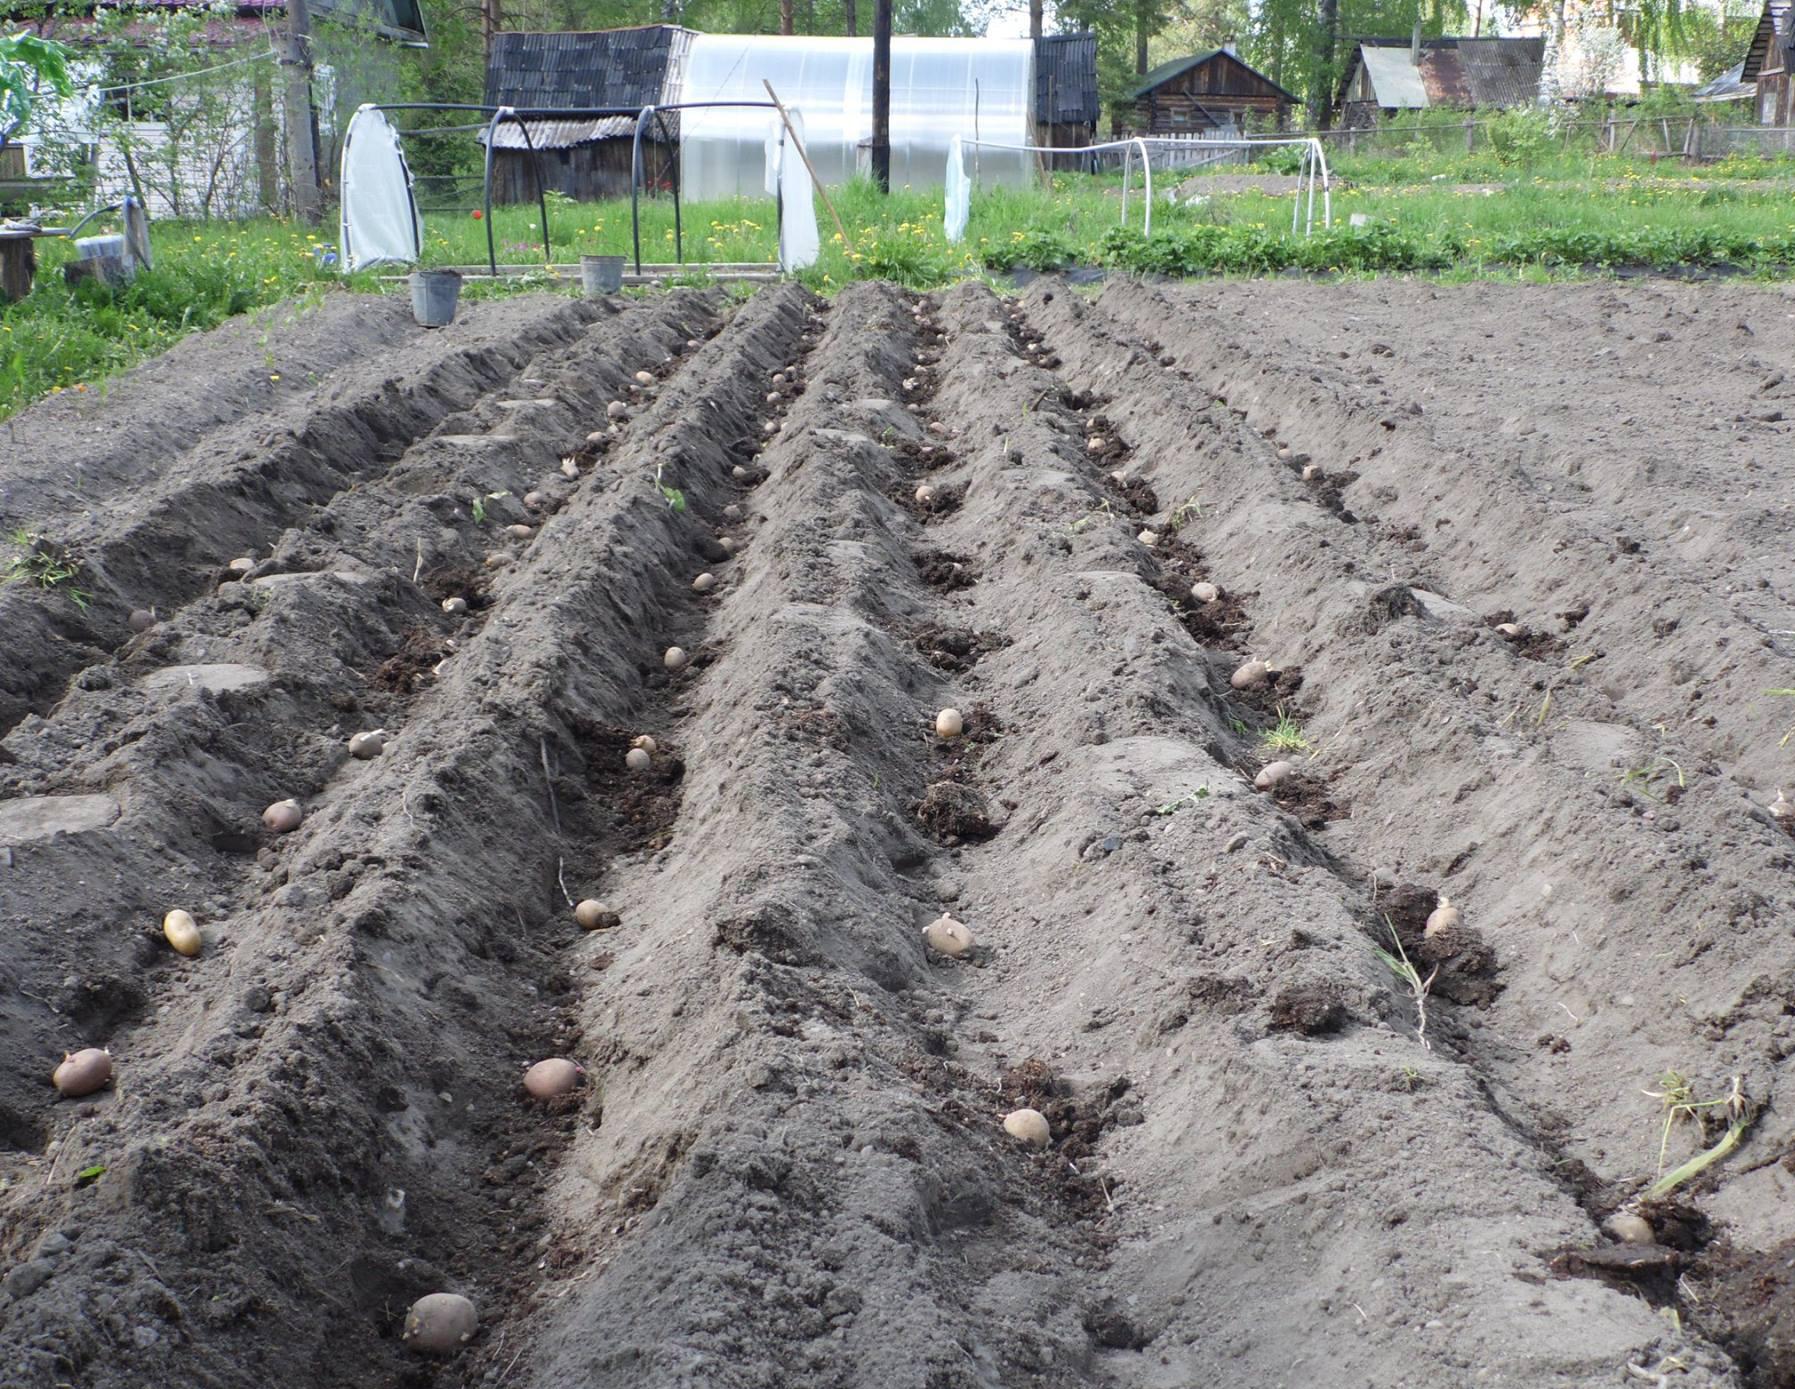 Карелию летом также ждет сельскохозяйственная перепись. Фото: Алексей Владимиров